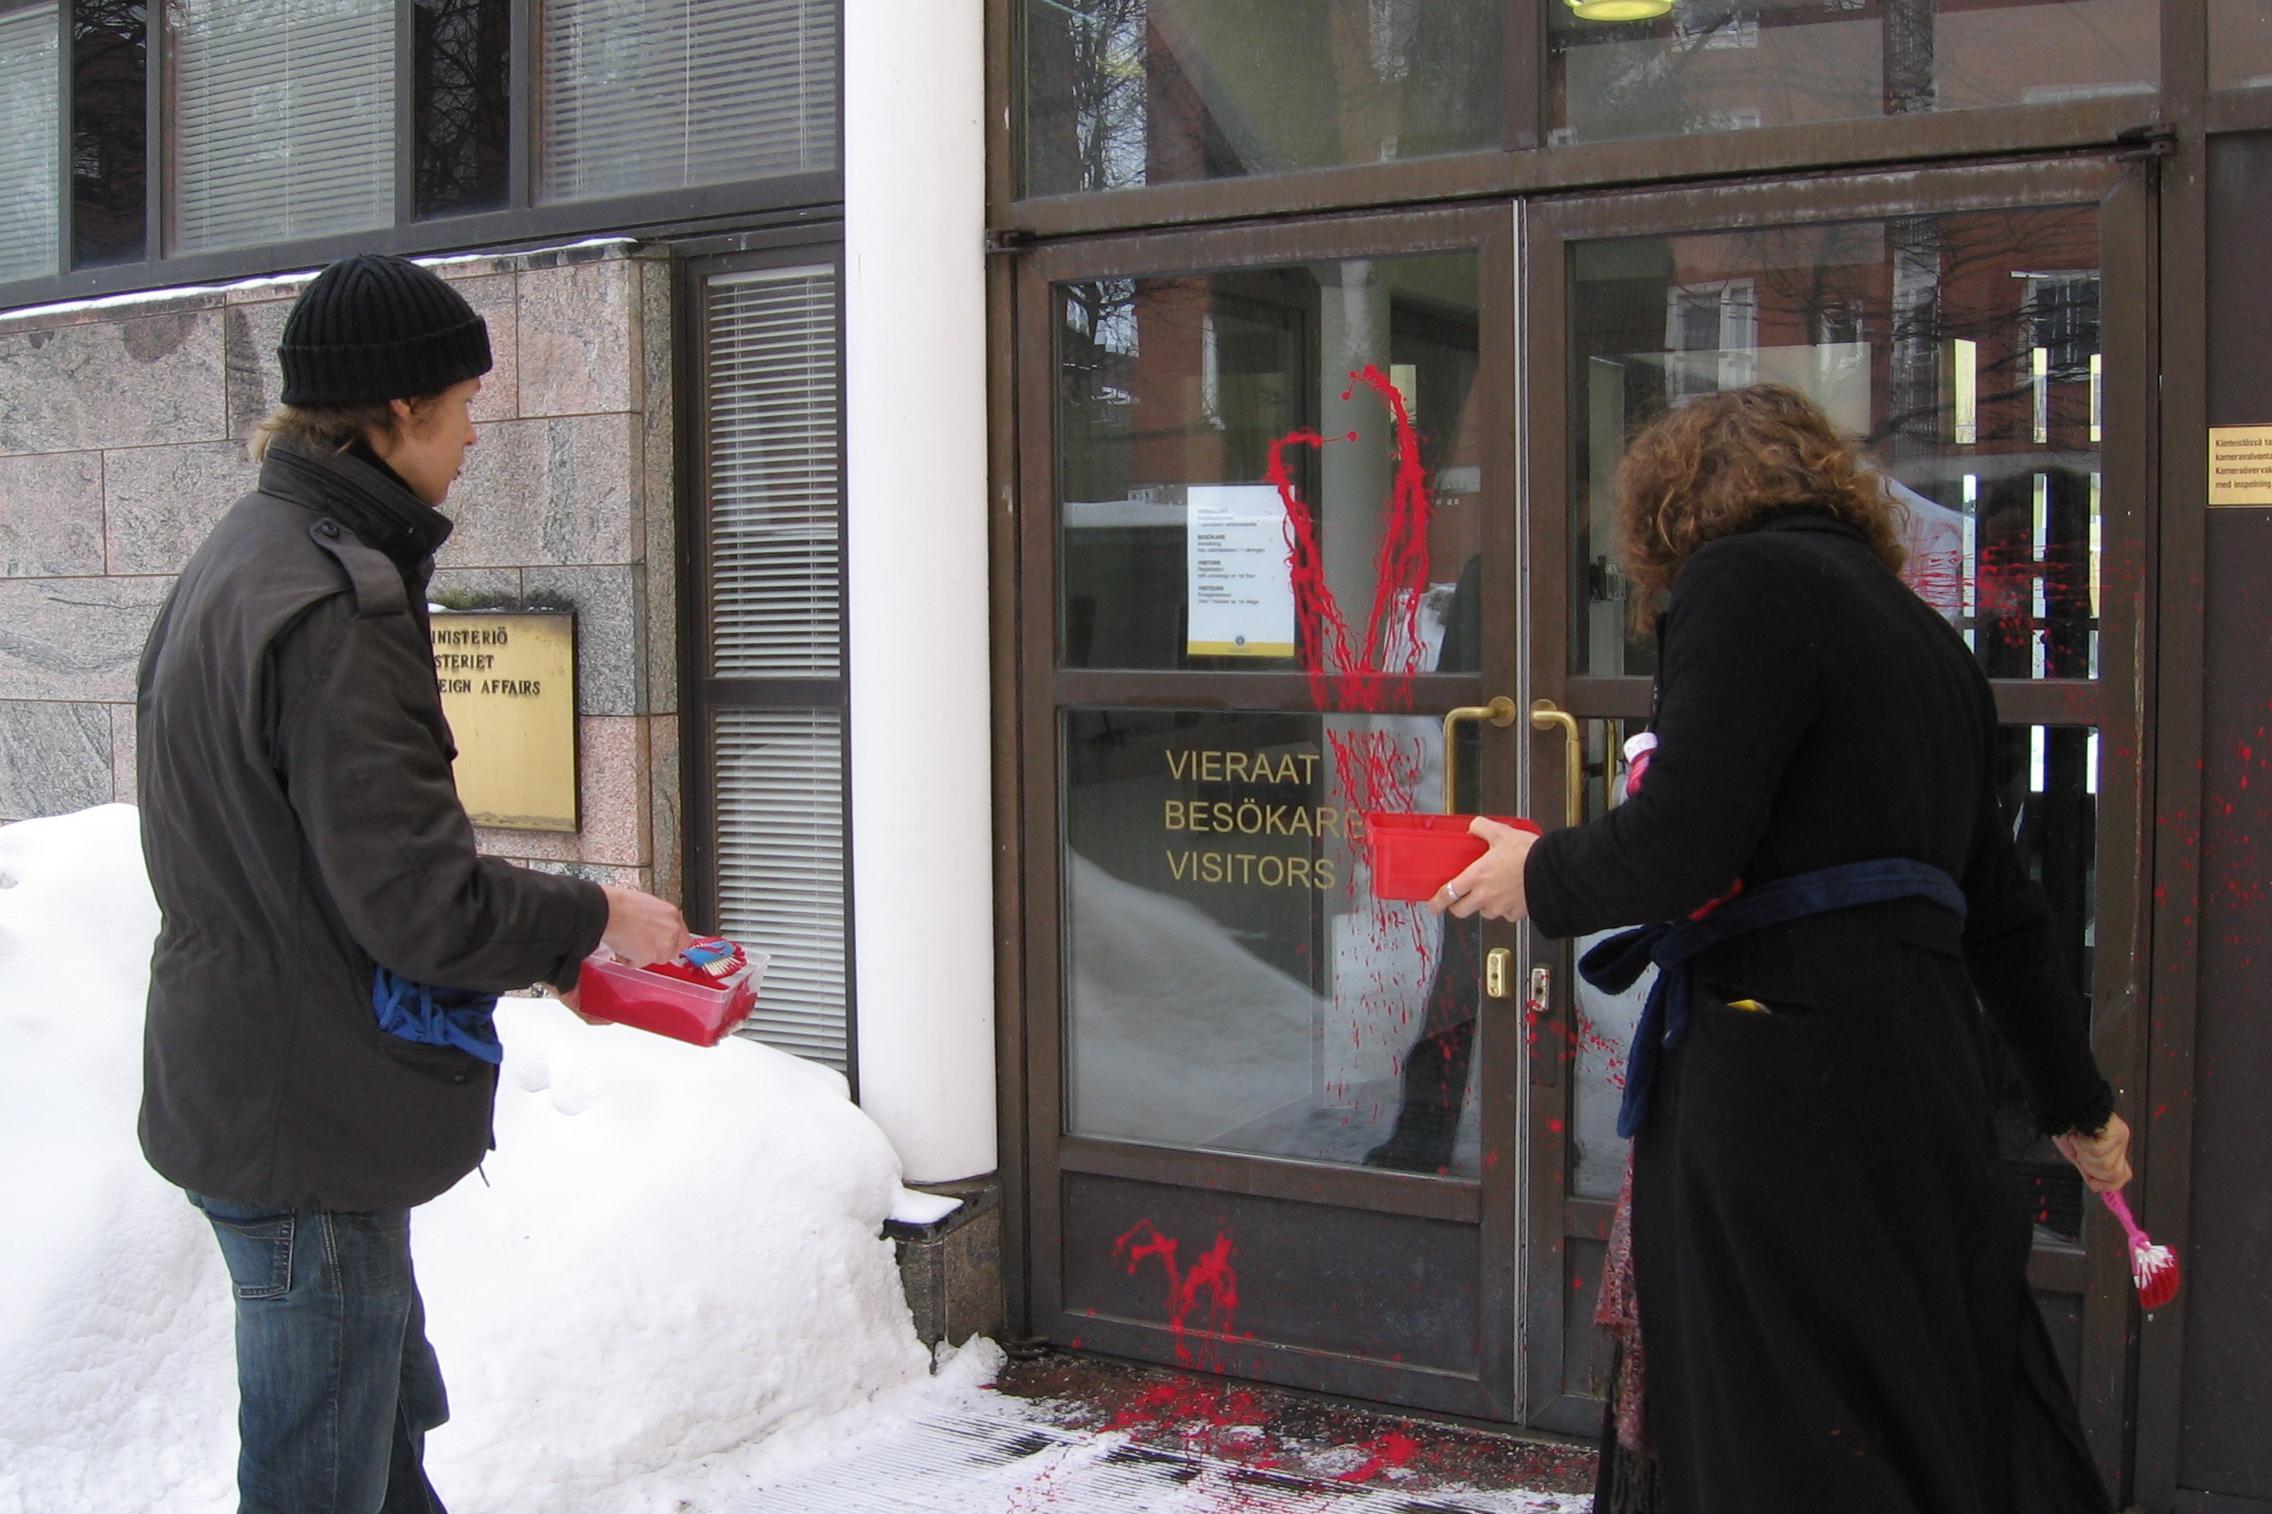 Ulkoasiainministeriö tahriutuu verenpunaiseen protestina NATO-lähentymistä vastaan.